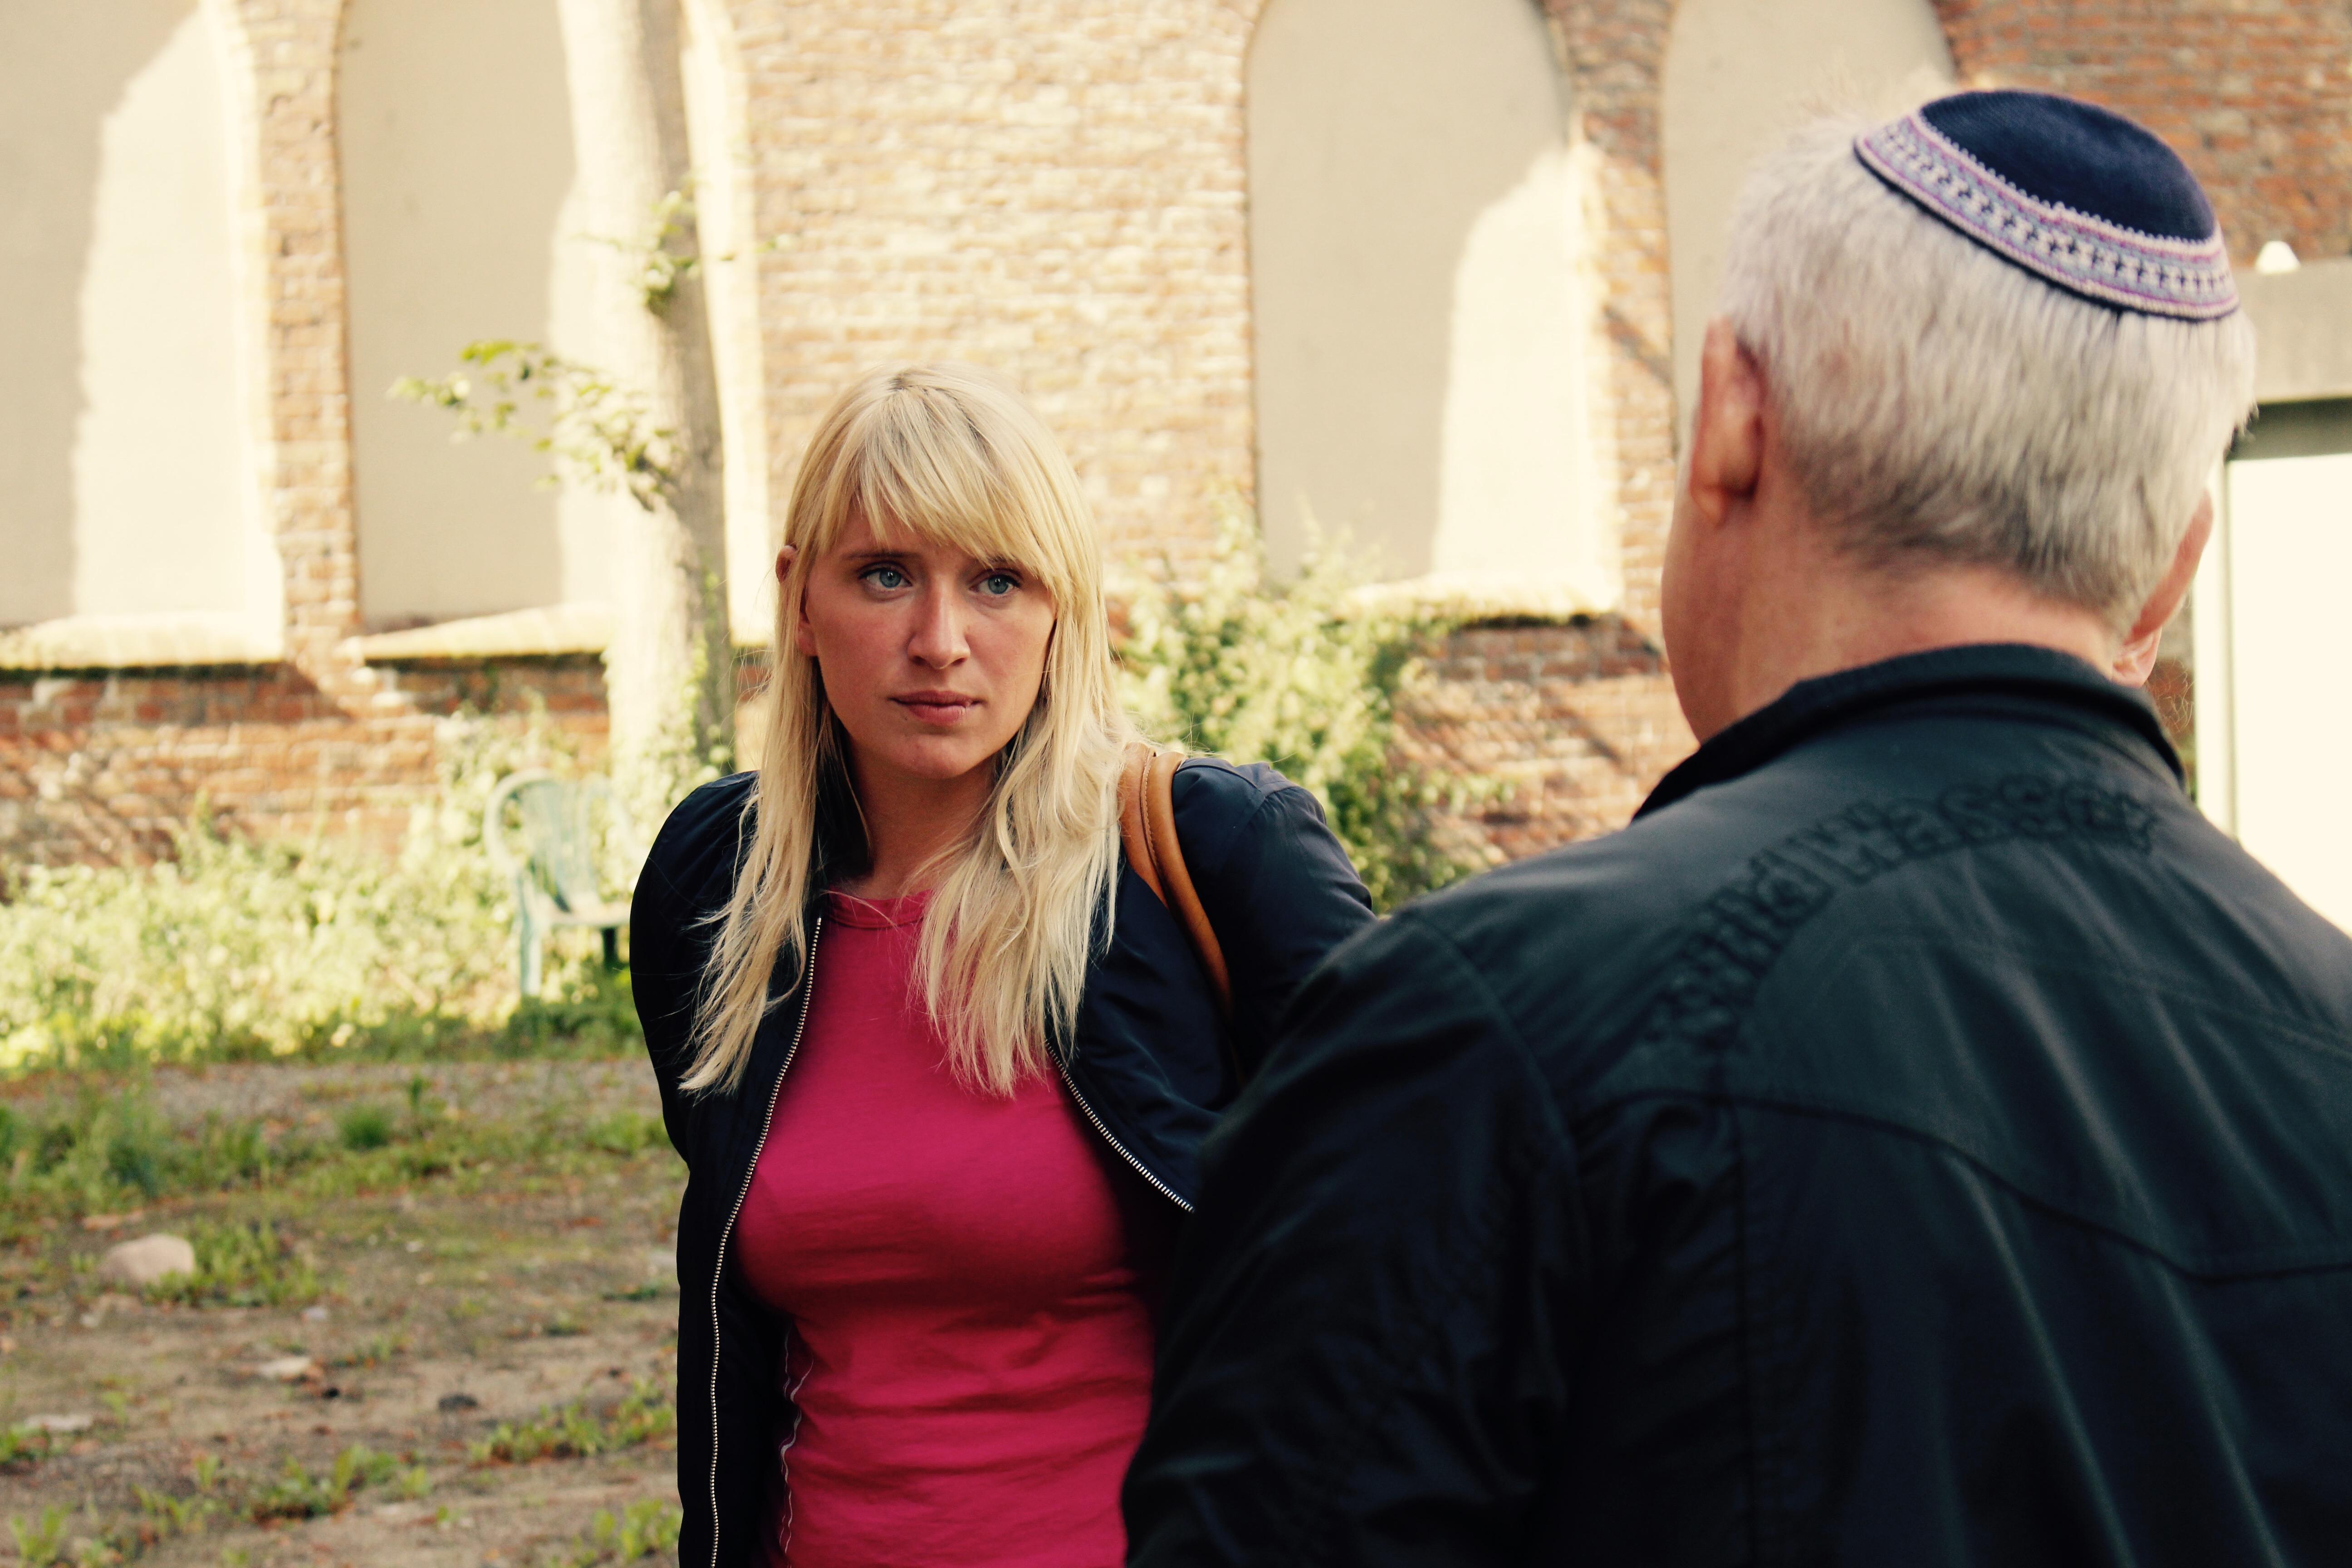 Luise besucht Lübecker Synagoge | Luise-Amtsberg